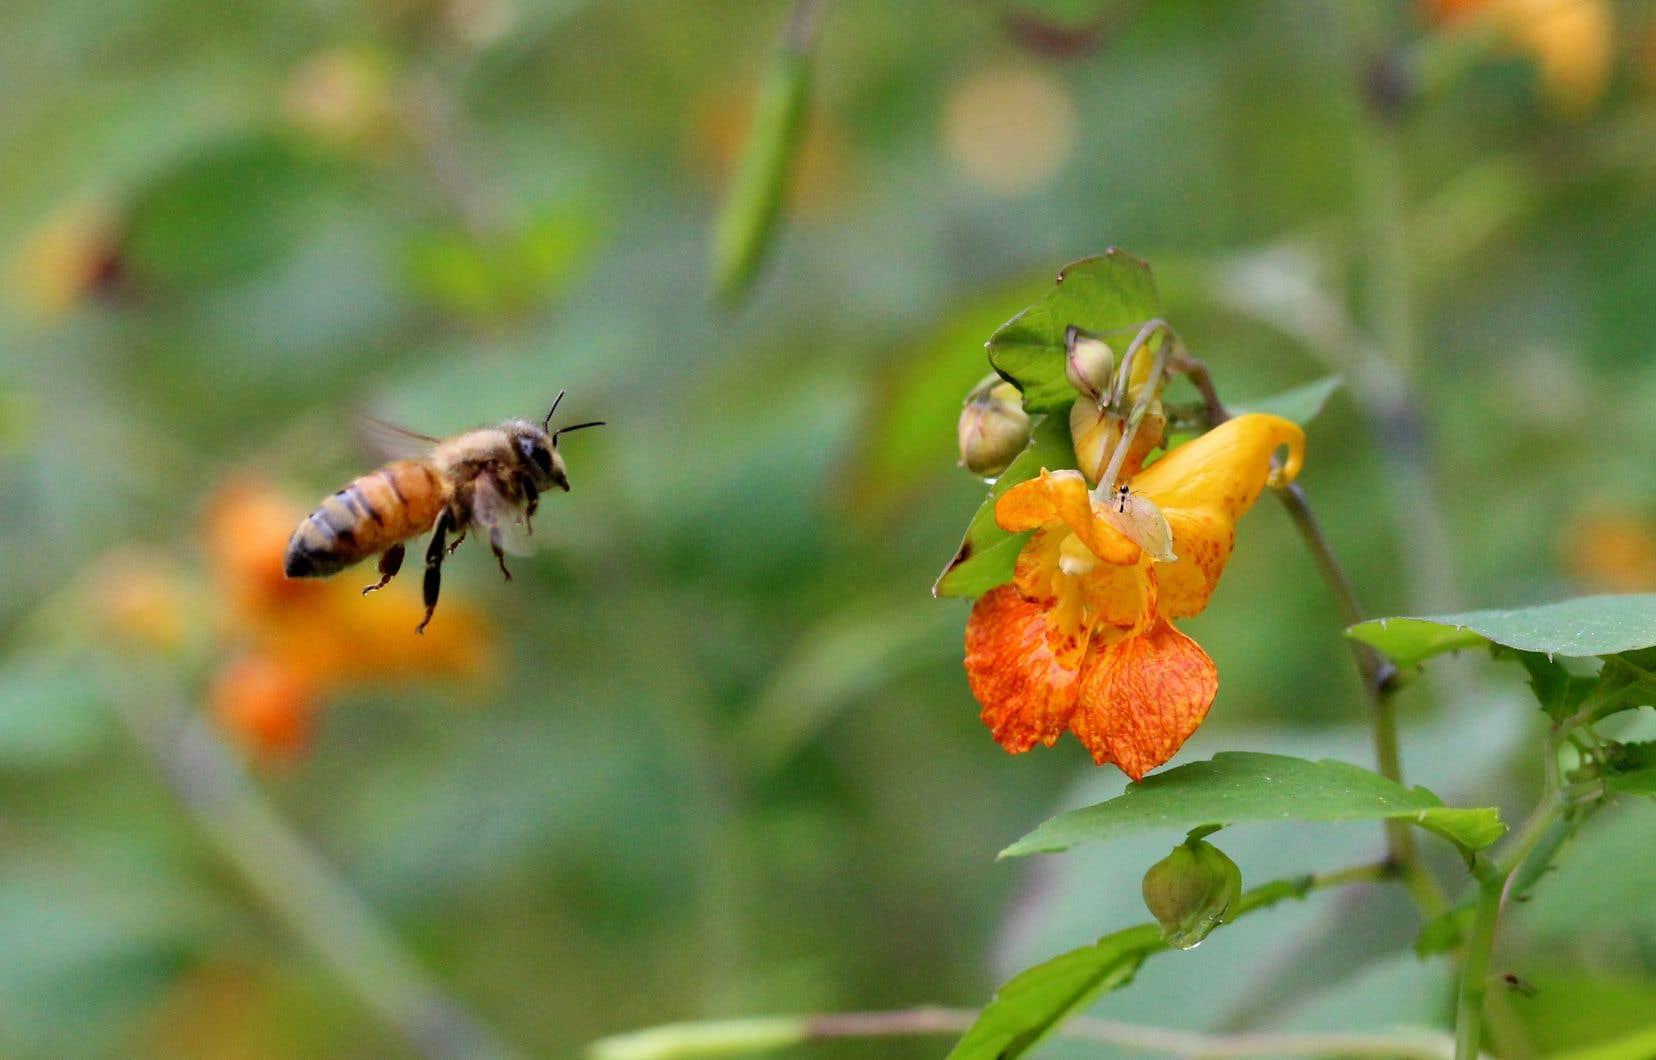 La cléistogamie est présente chez 40 familles de plantes à fleurs, comme les impatientes et les violettes.